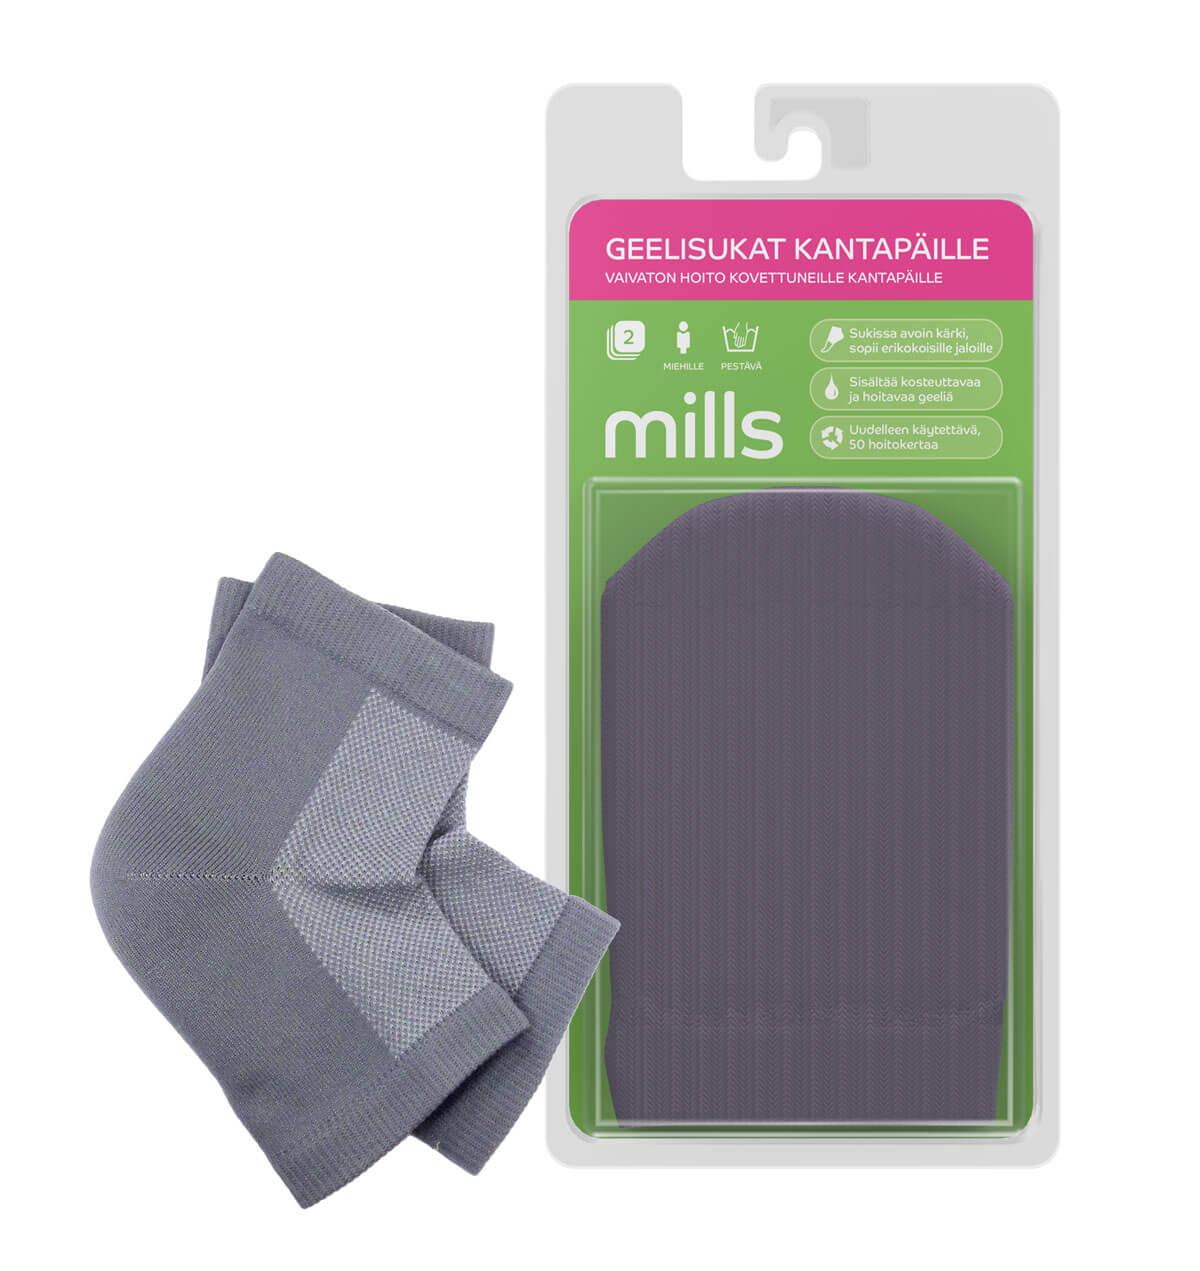 Mills Geelisukat kantapäille